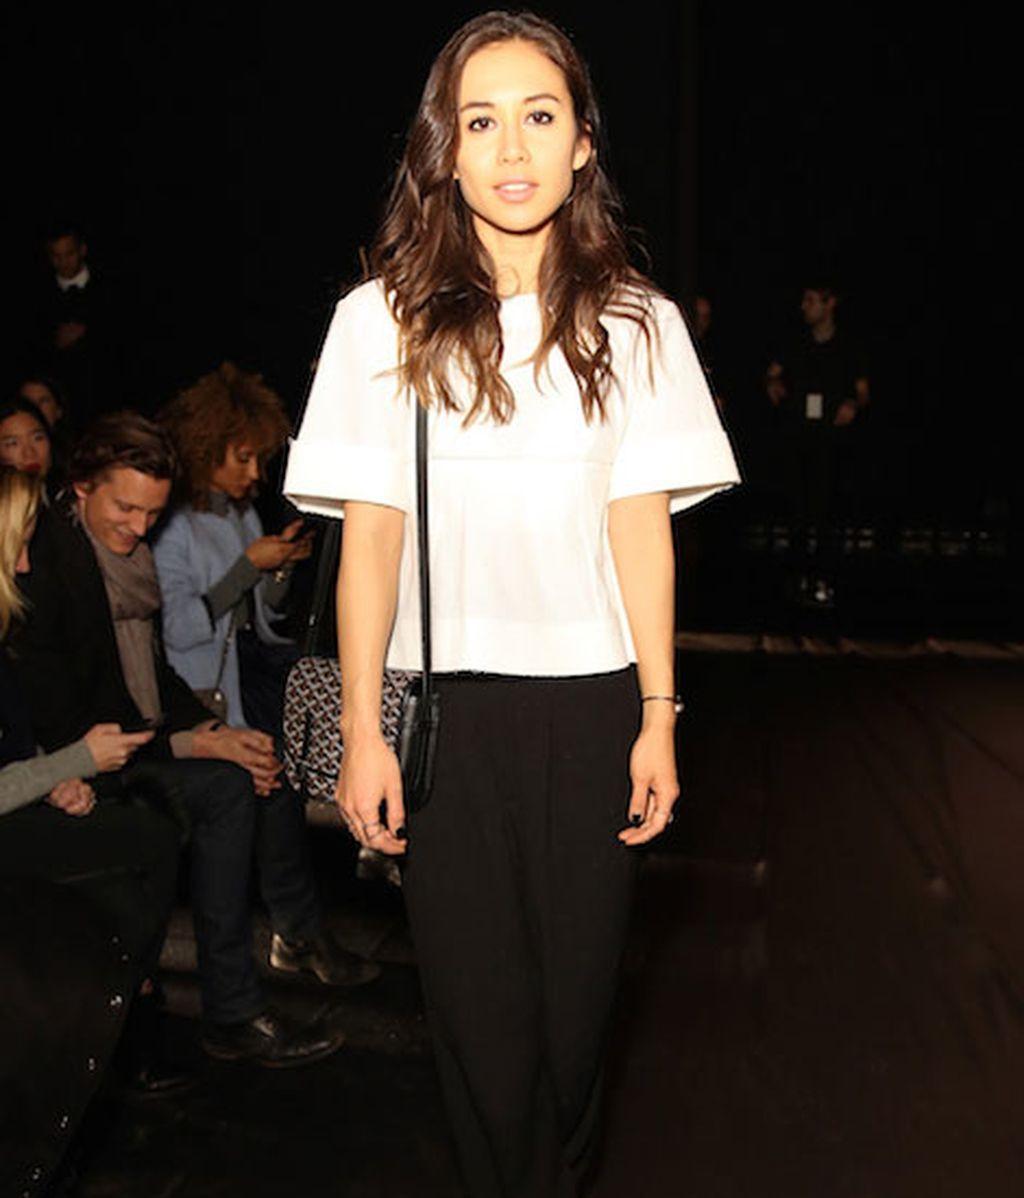 La blogger Rumi Neely lanza su propia línea de ropa